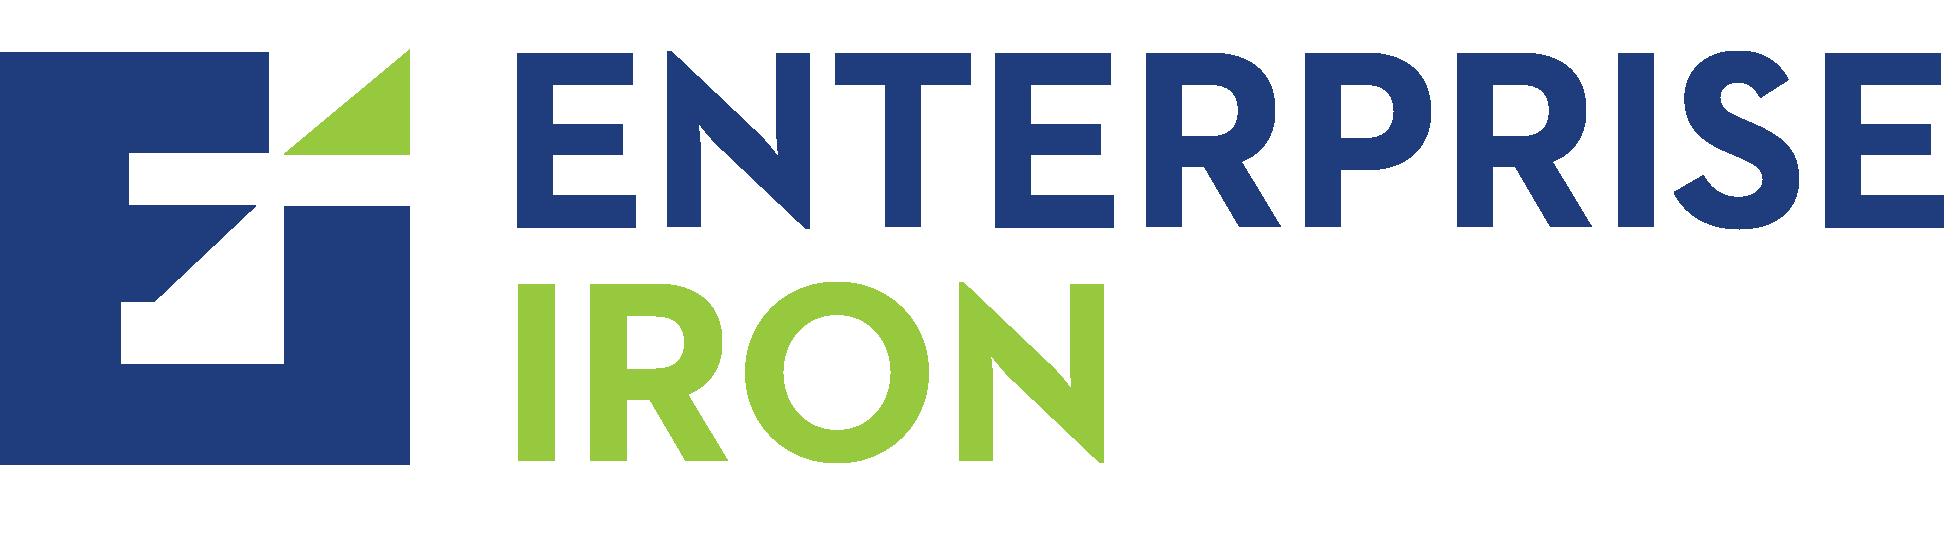 Enterprise Iron